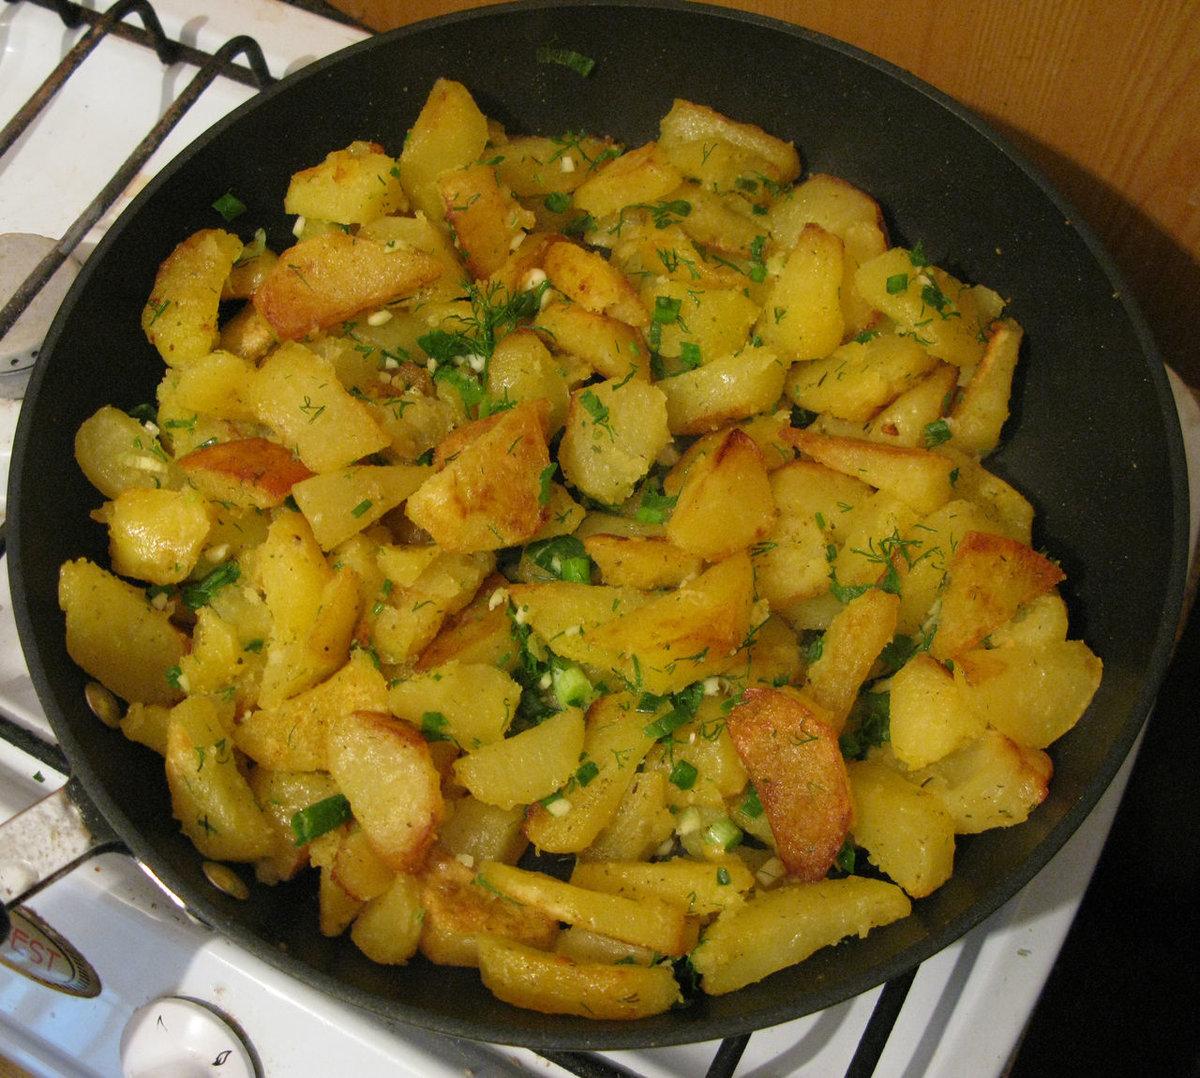 Картошка в молоке жареная на сковороде рецепт пошагово